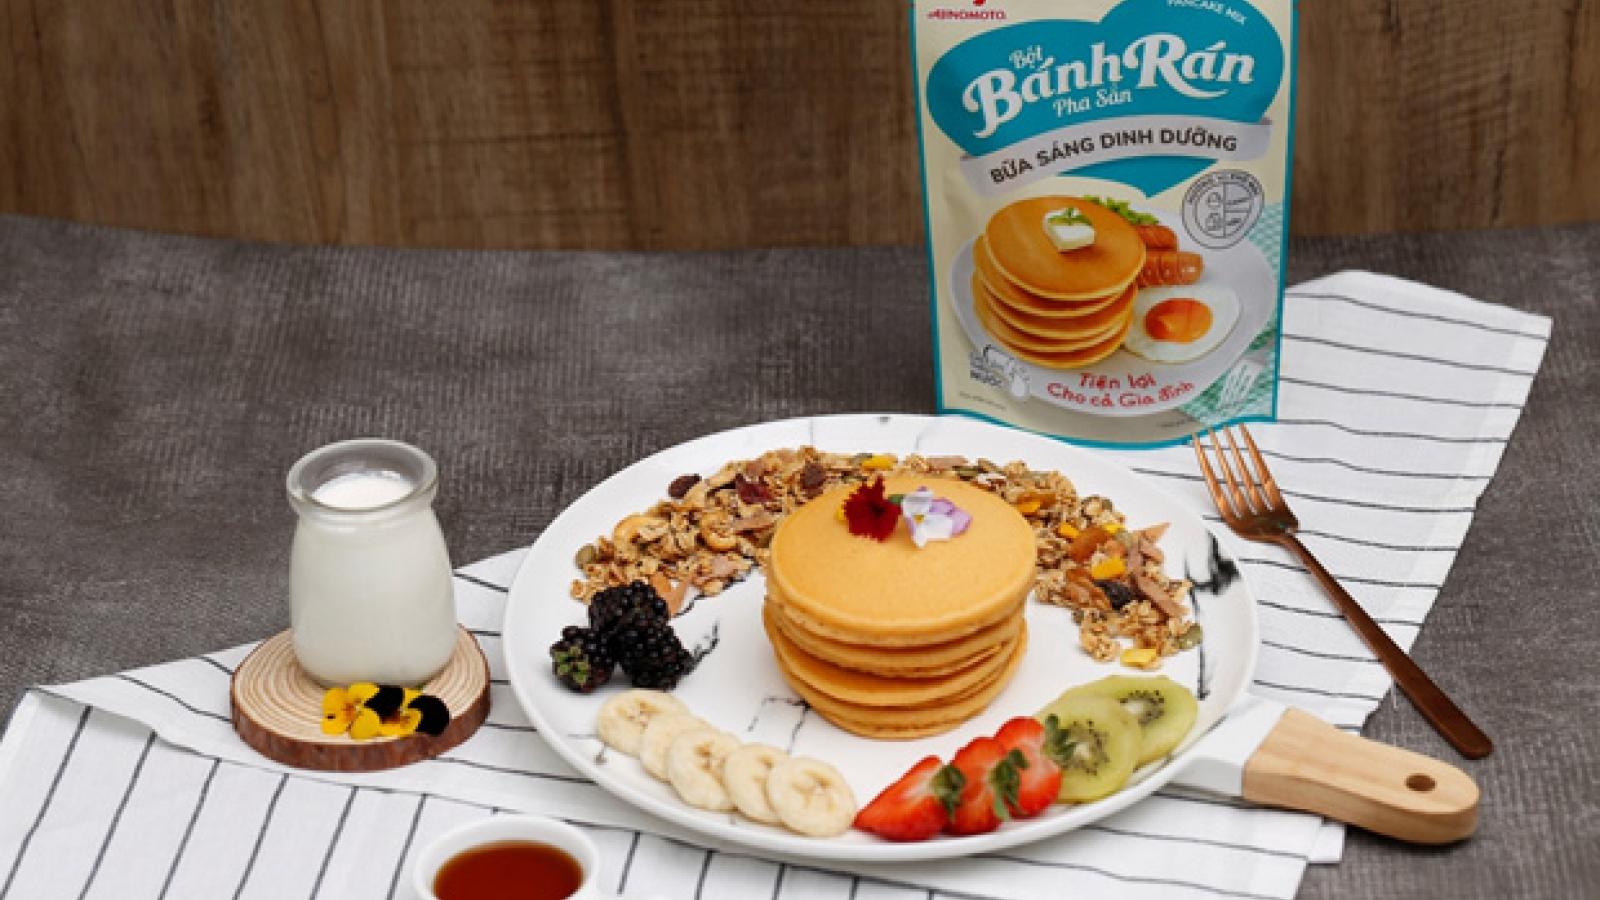 Bữa sáng chuẩn dinh dưỡng với Bột bánh rán từ Ajinomoto